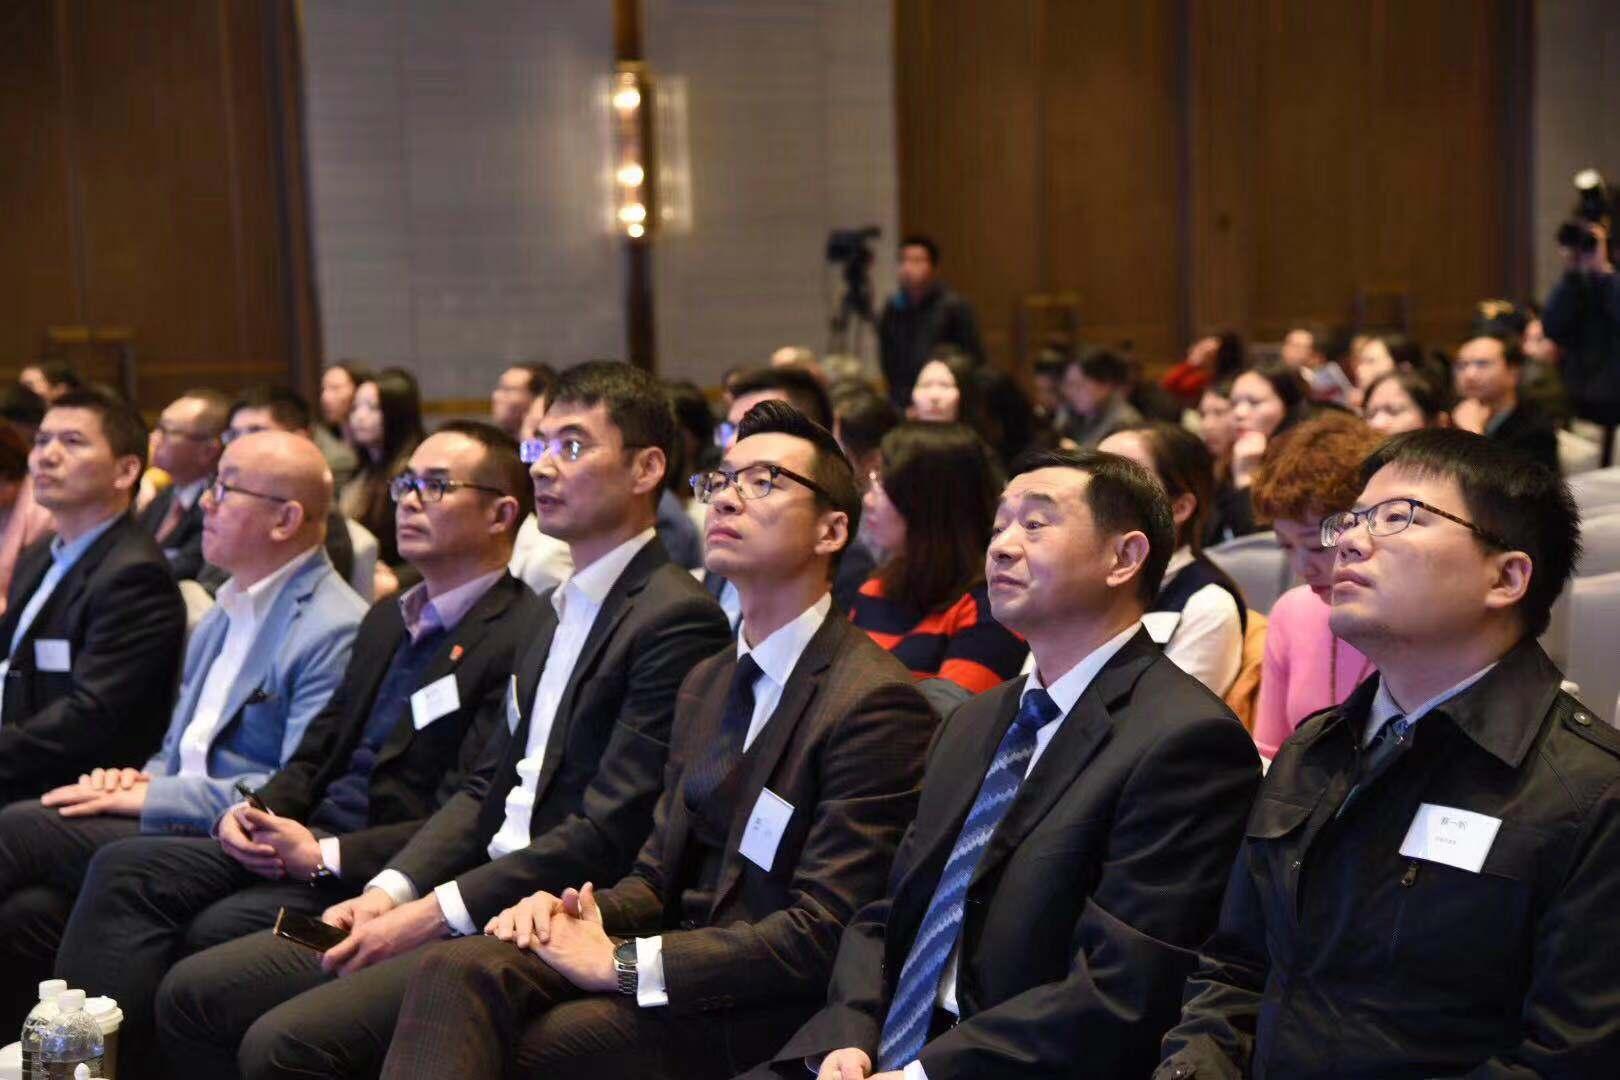 广州搬运公司帮忙230万人次实现就业,上海这个区的人力资源